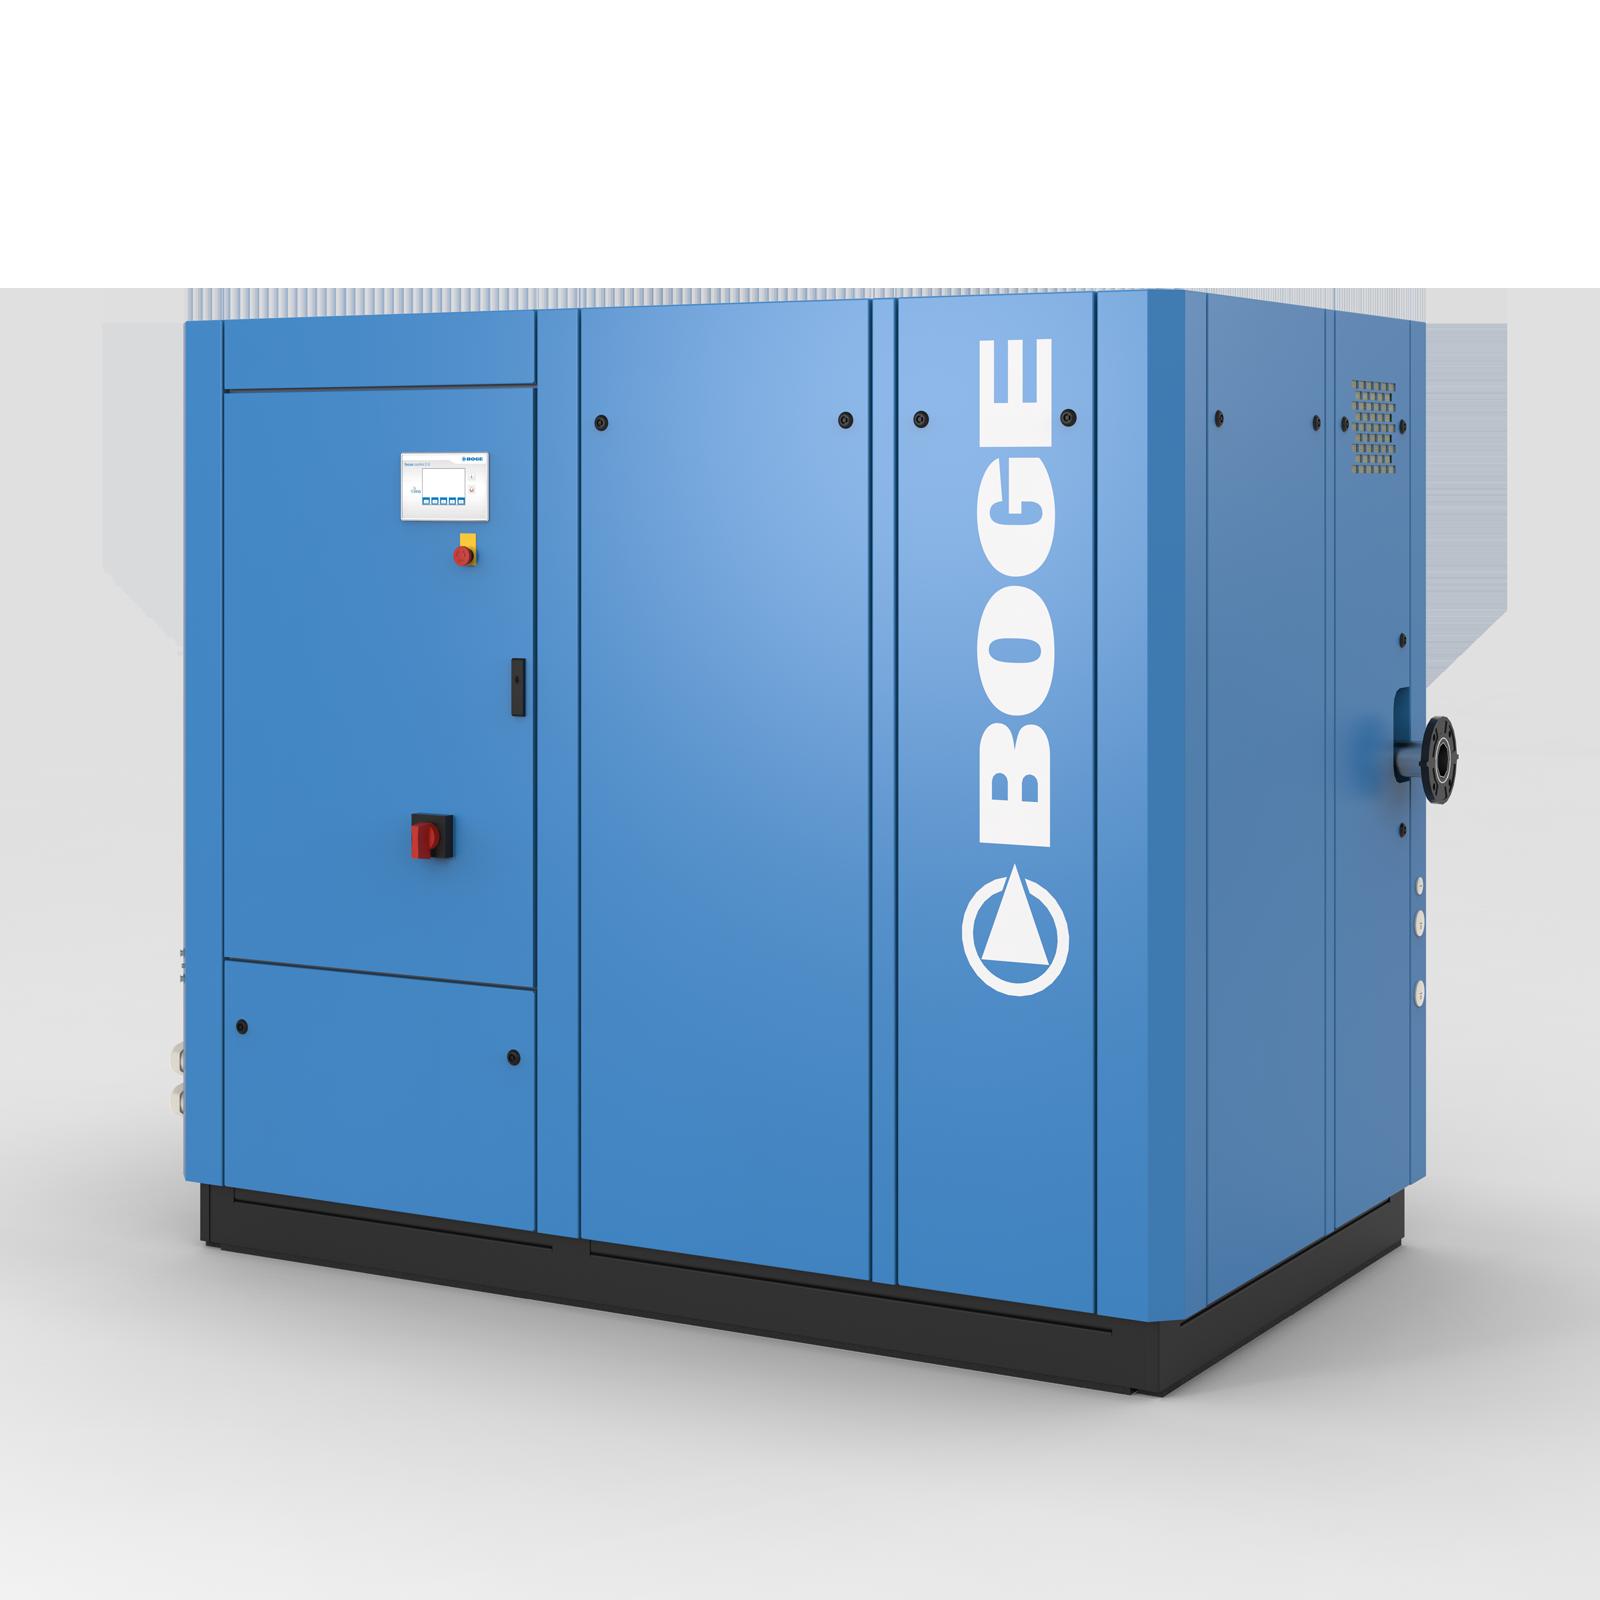 BOGE S76-4...S110-4 (75,0 kW...110,0 kW)